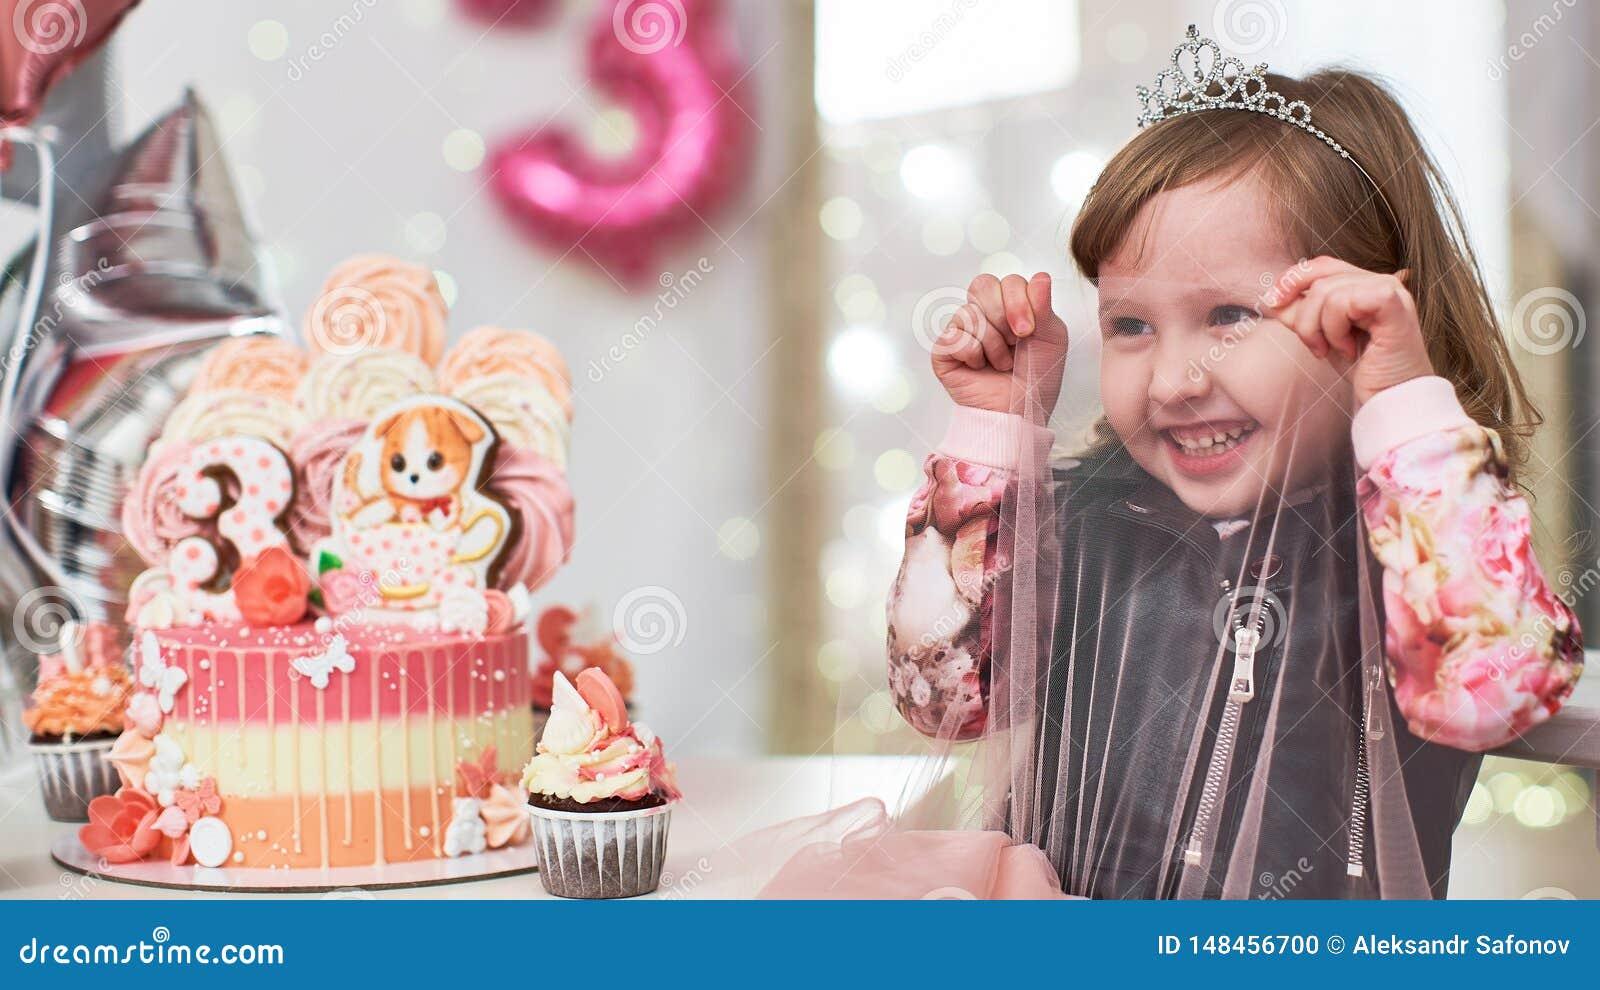 Именниный пирог на 3 лет украшенный с бабочками, котенком пряника с замороженностью и 3 меренга бледная - розовый внутри